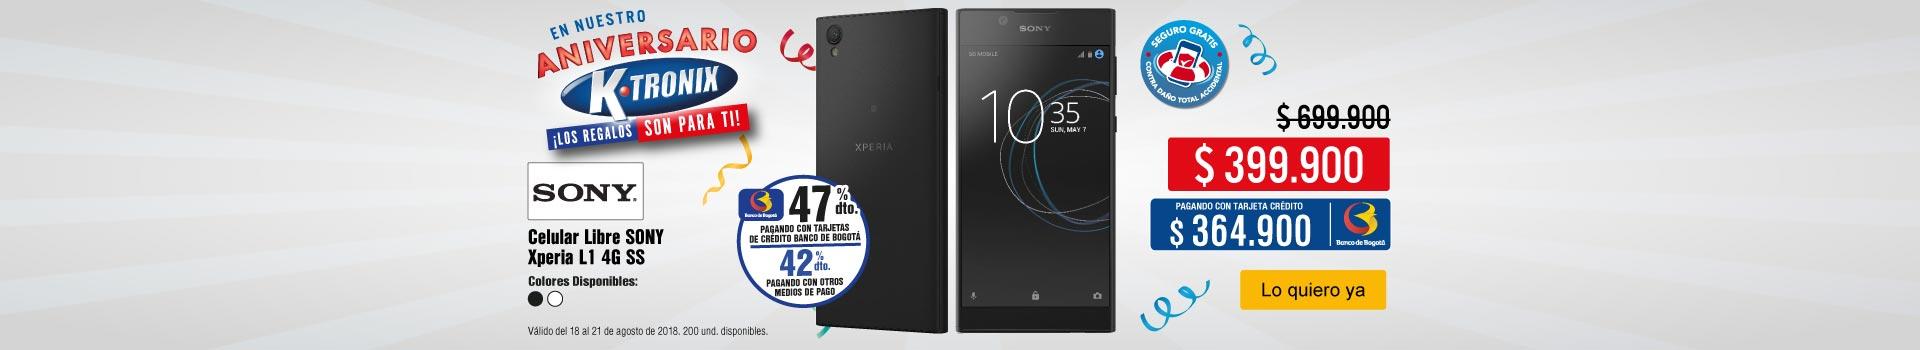 KT-BCAT-5-celulares-PP---Sony-L1-Ago18